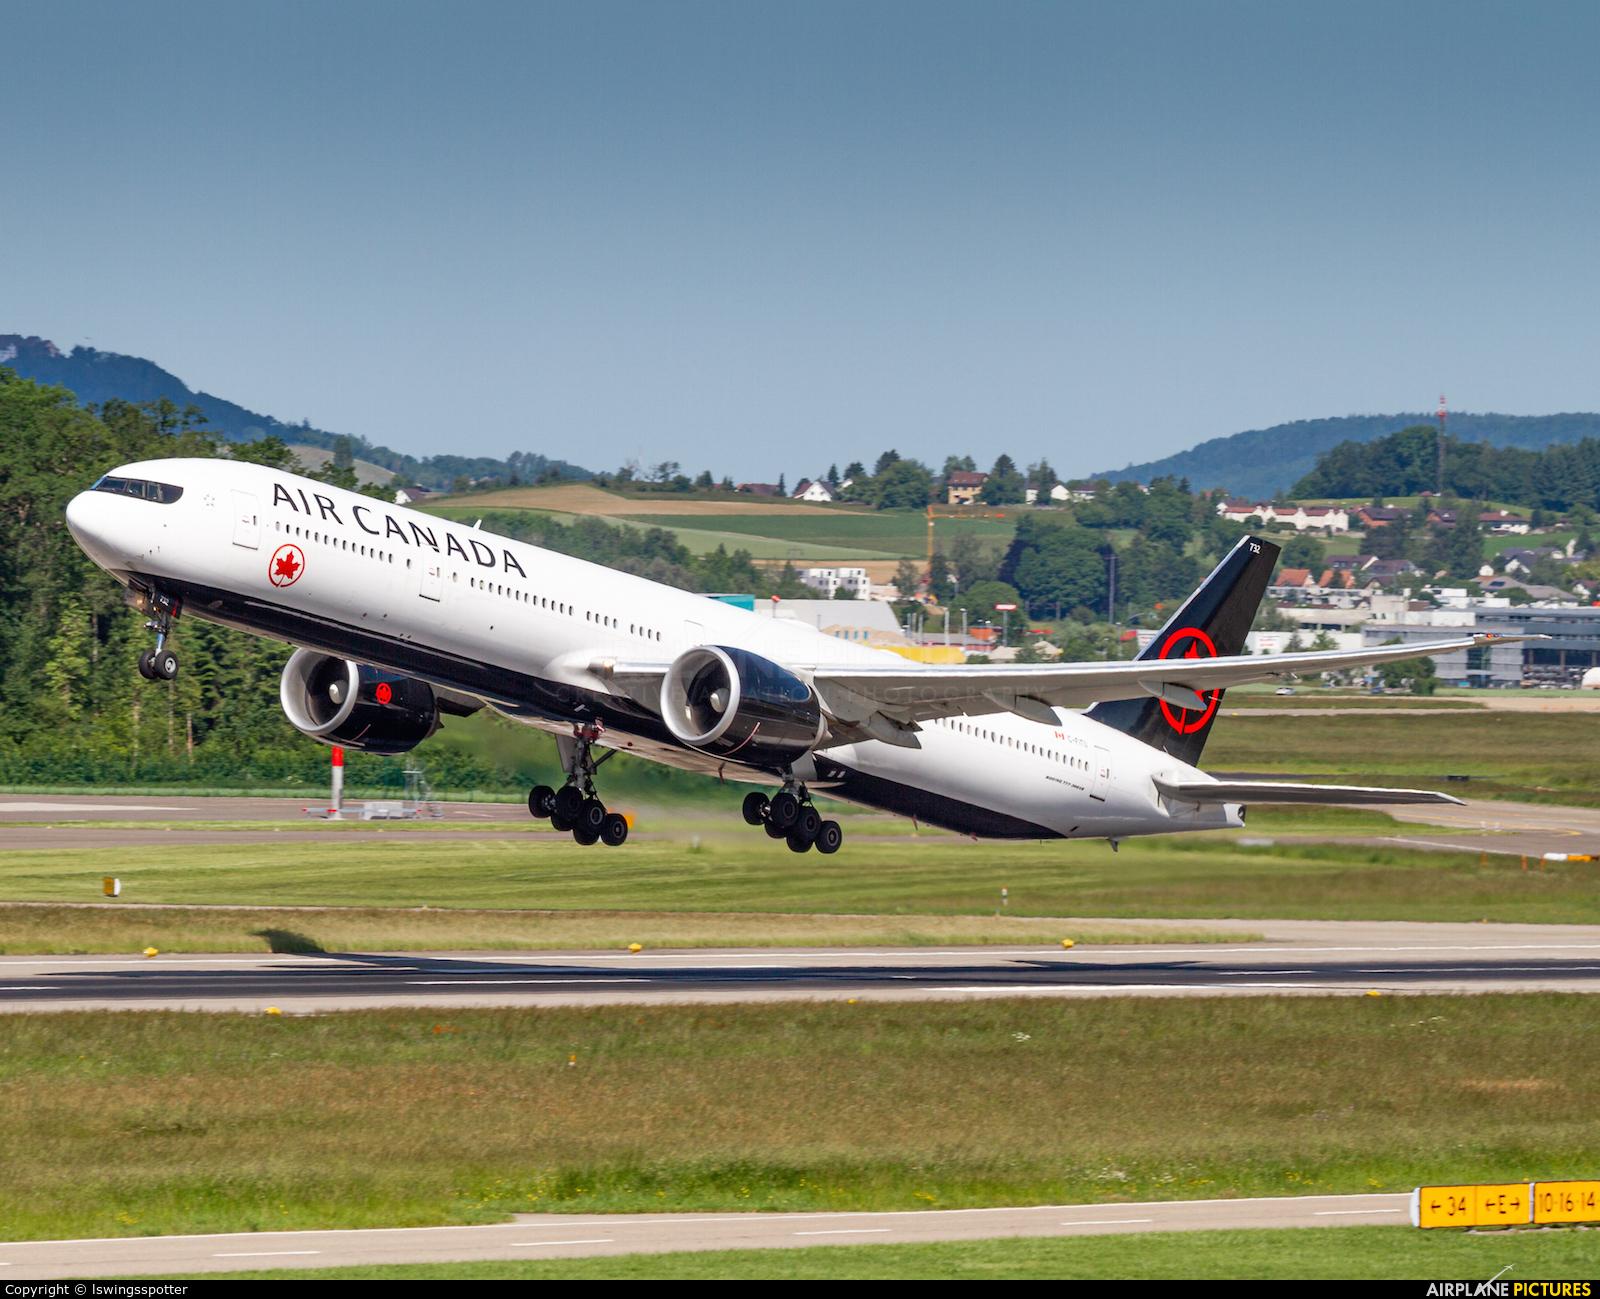 Air Canada C-FITU aircraft at Zurich